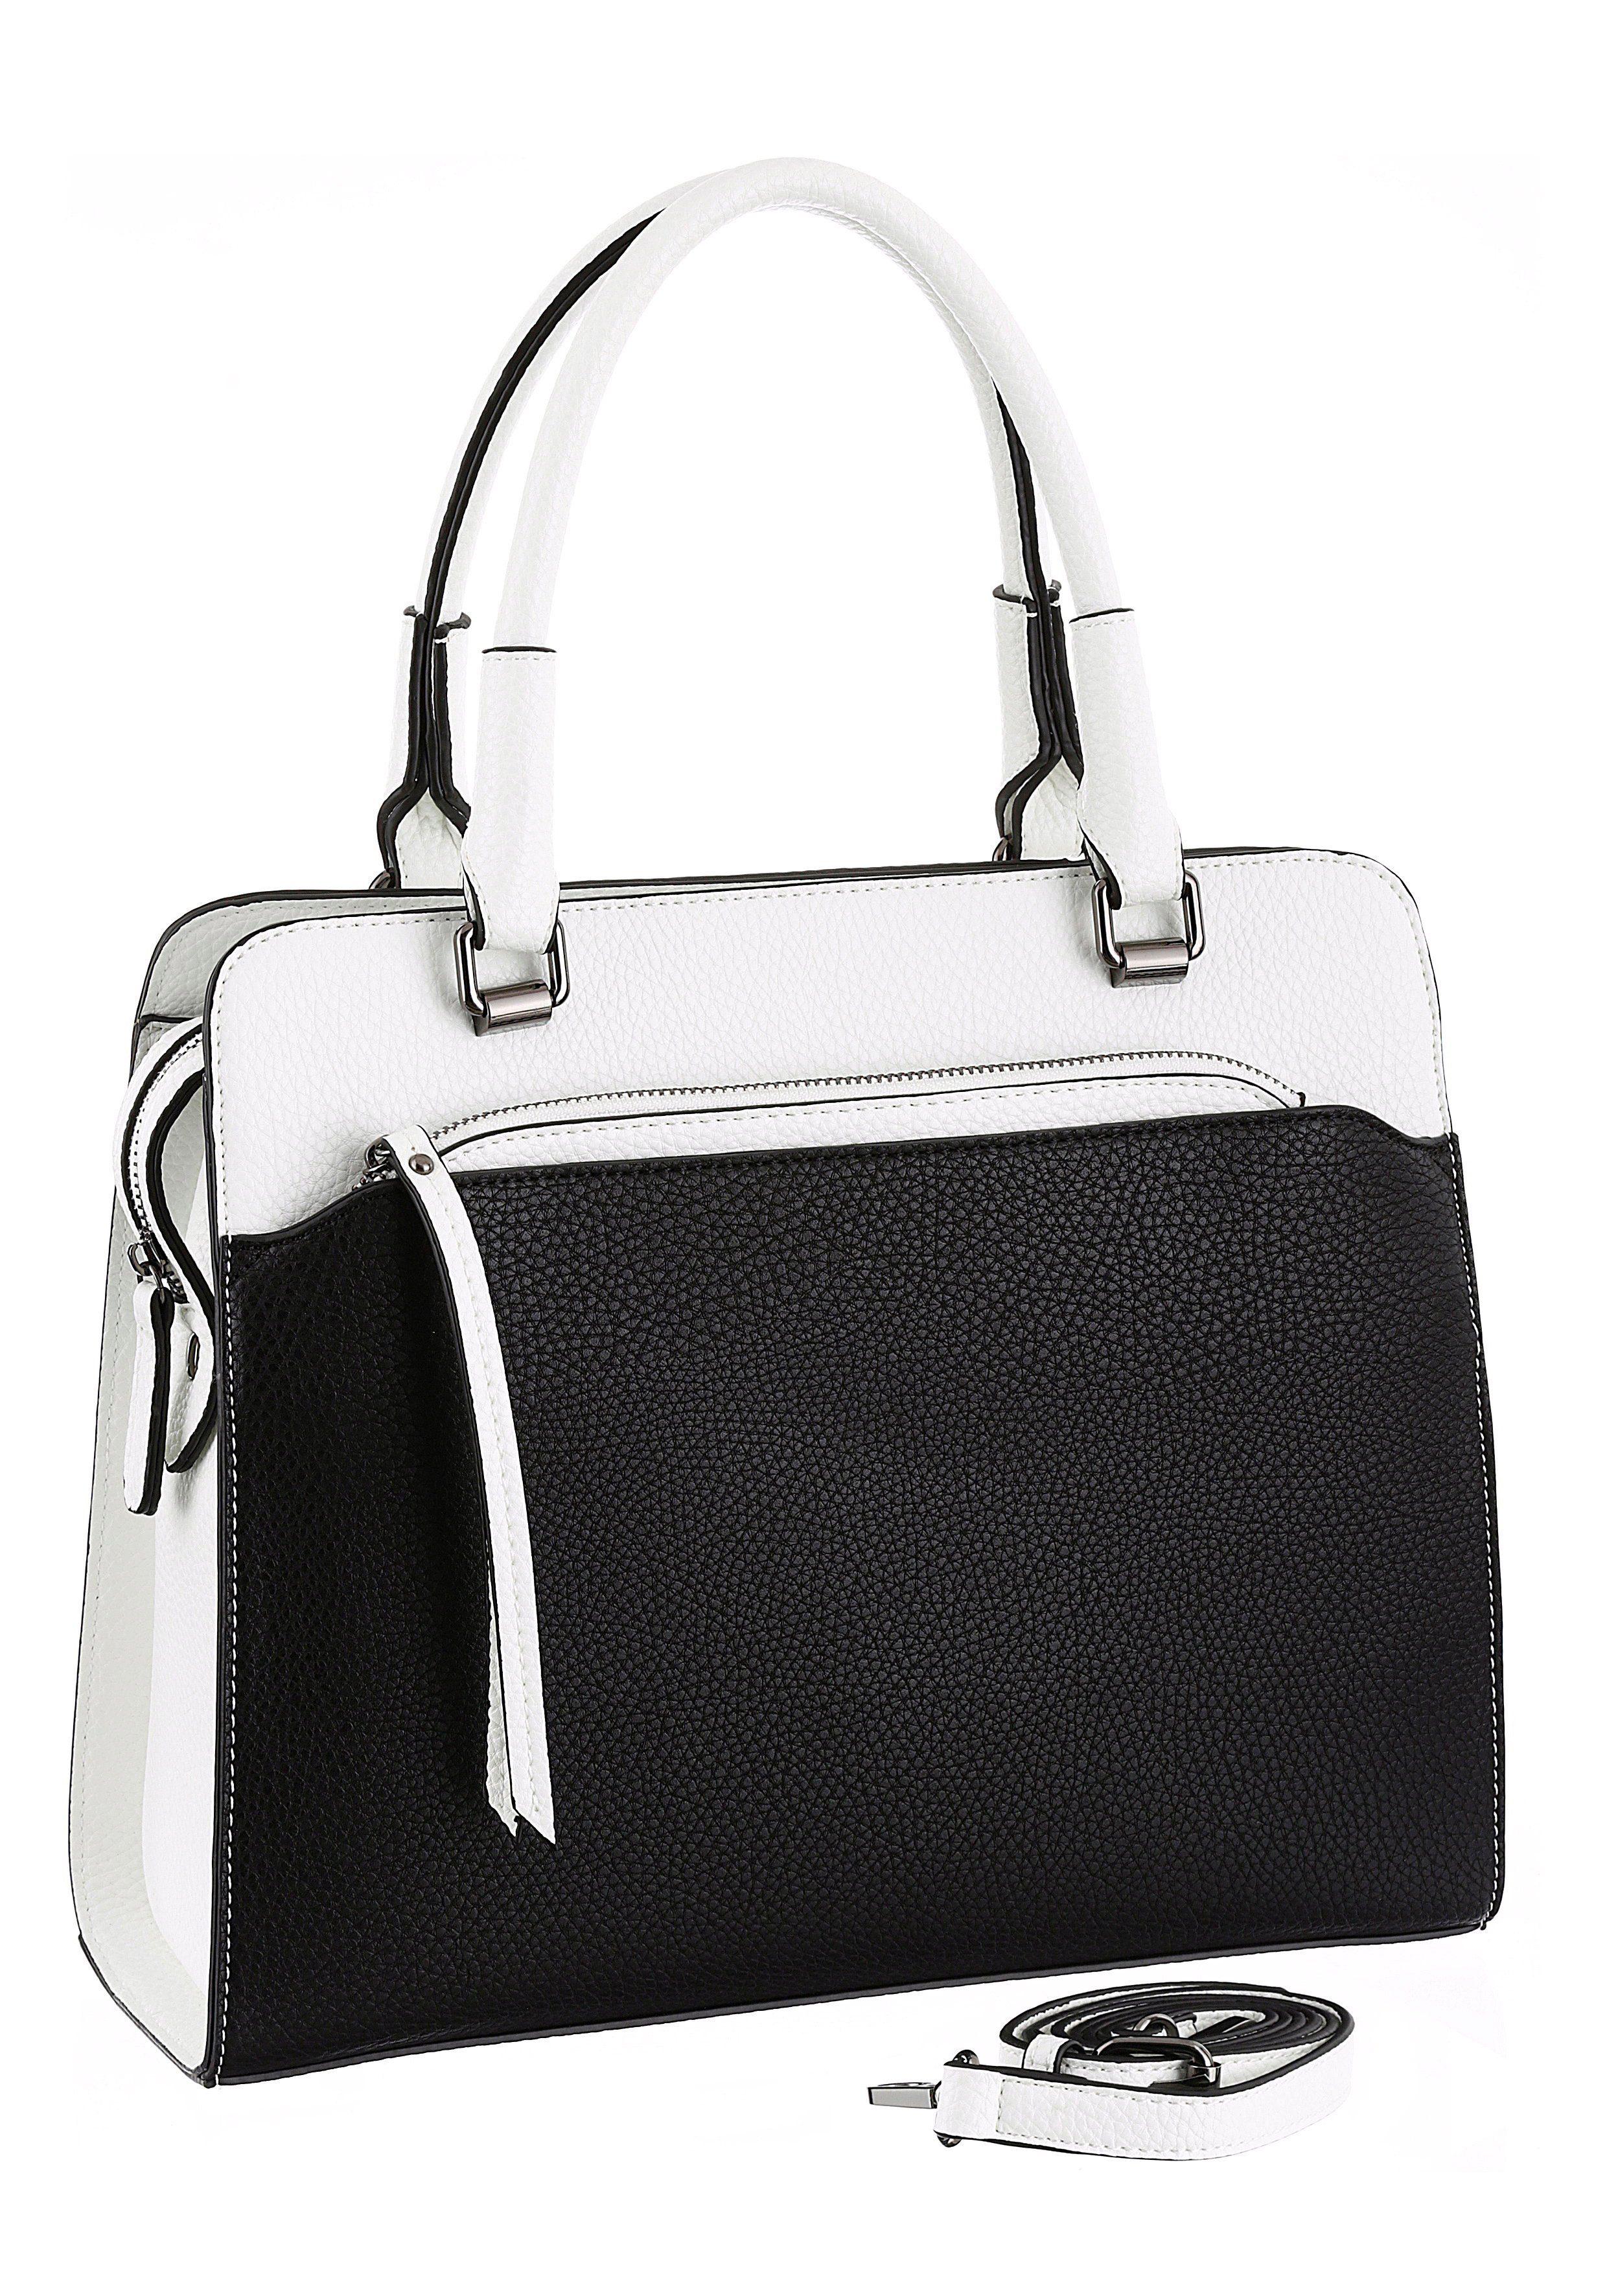 TASCHEN - Handtaschen Laura Scott ffnSMC0hc